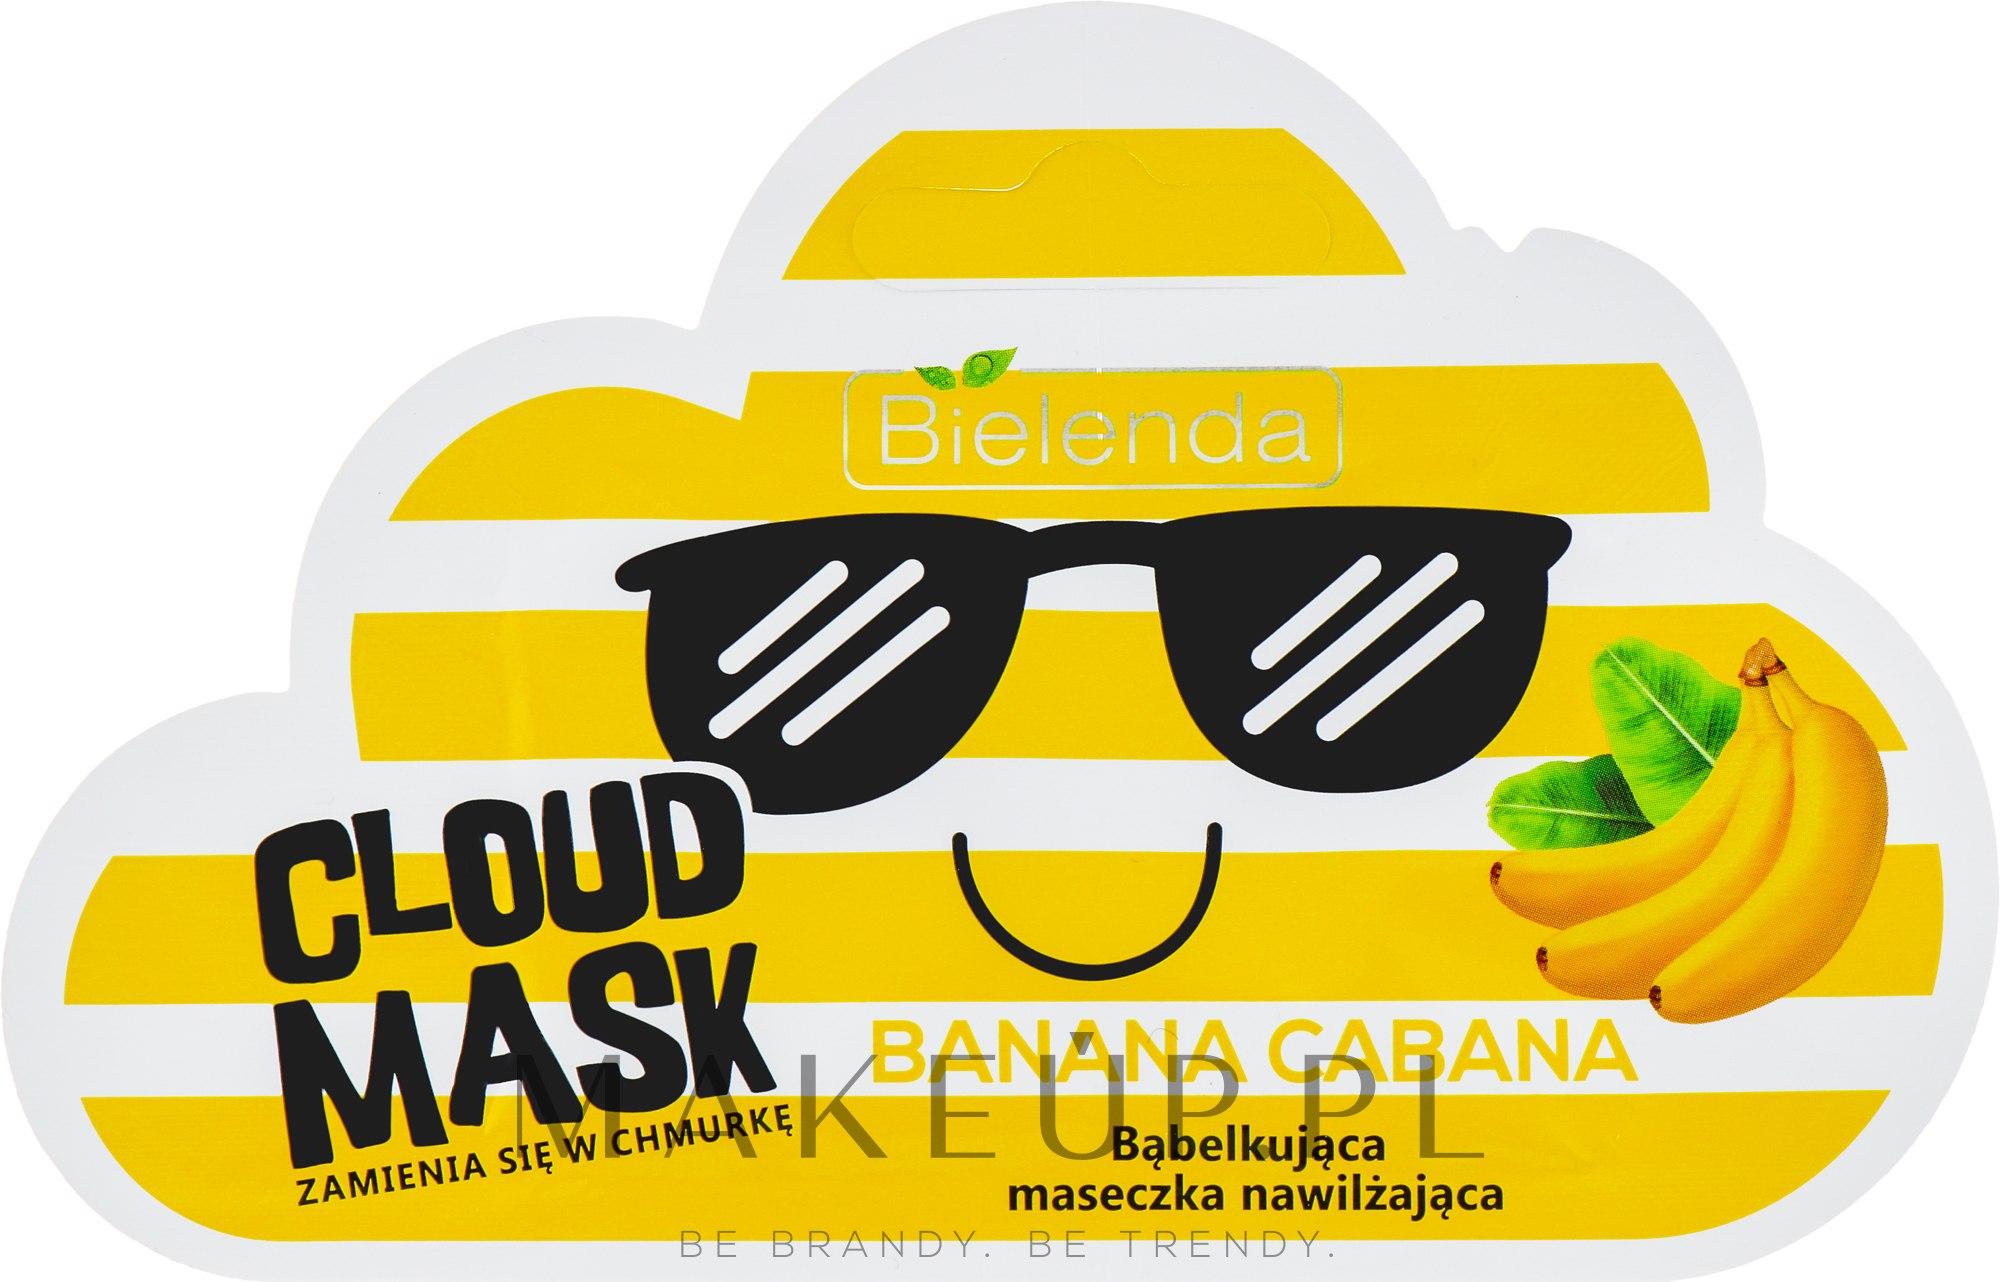 Bąbelkująca maseczka nawilżająca do twarzy Banana Cabana - Bielenda Cloud Mask — фото 6 g